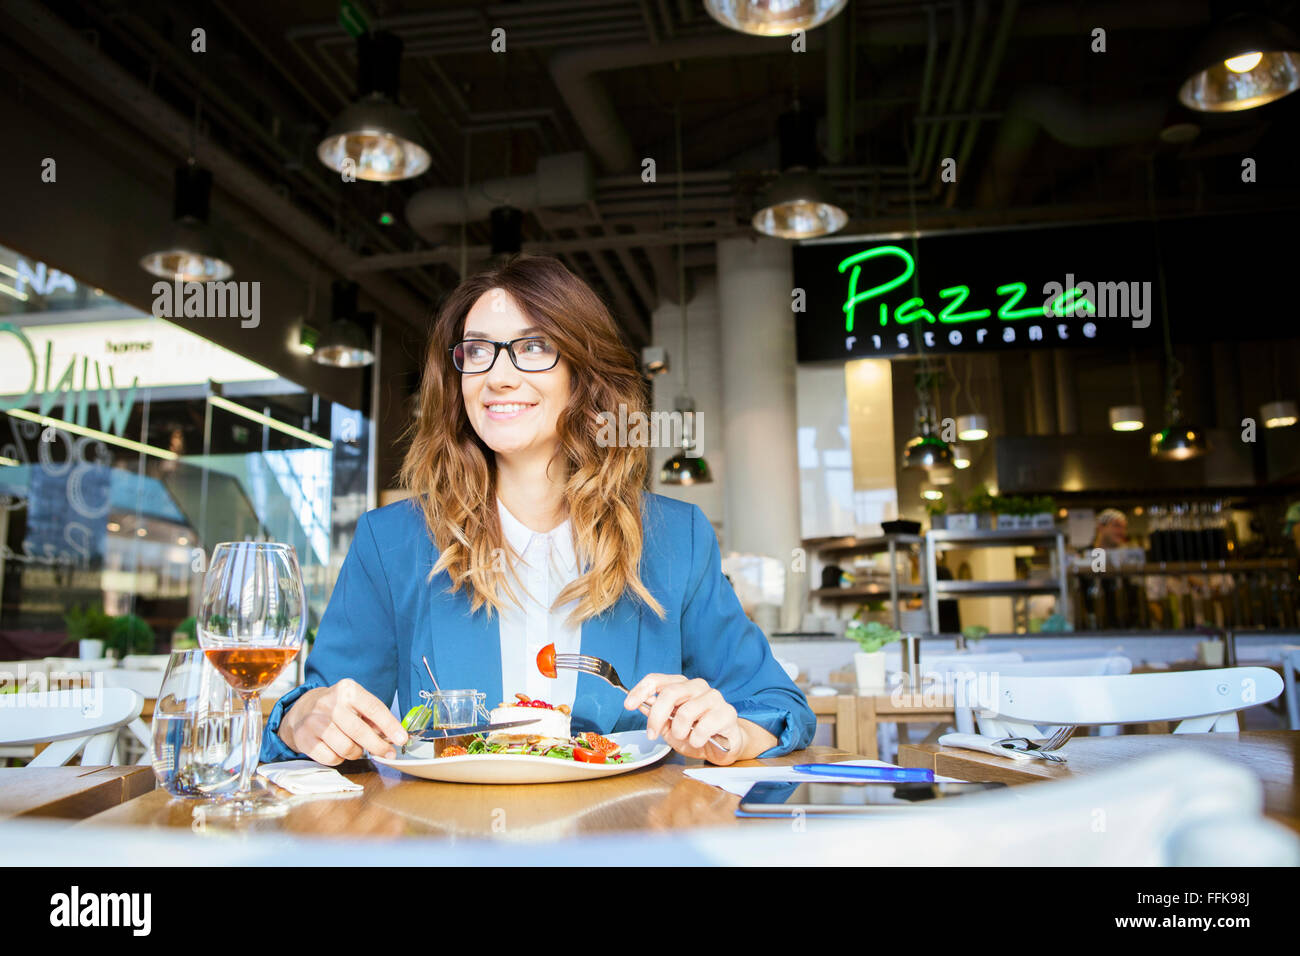 Mitte Erwachsene Frau, Mittagessen im restaurant Stockbild